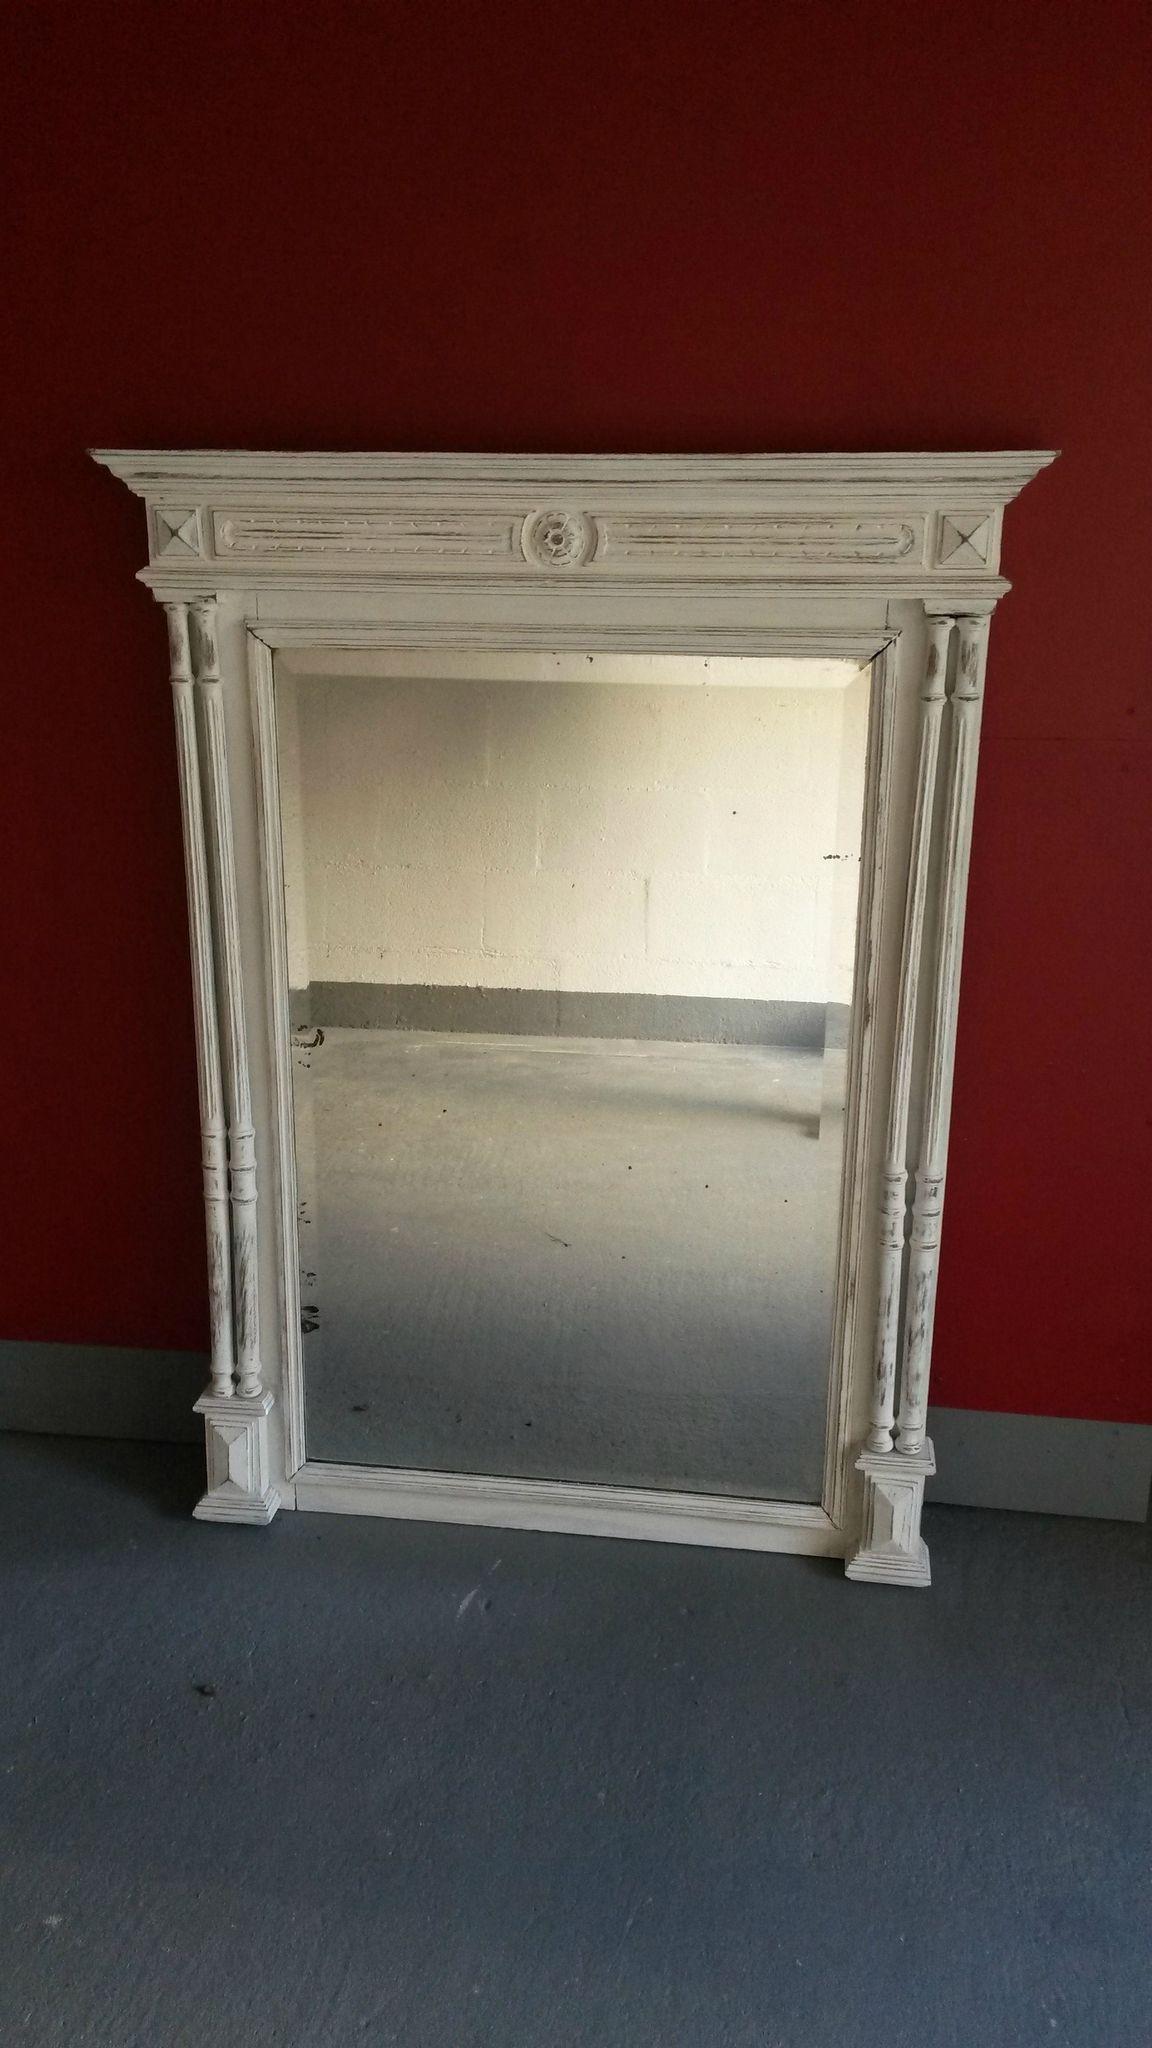 Miroir ancien relook avec une patine blanche et vieilli great french new orleans decor - Voir ma maison en direct ...